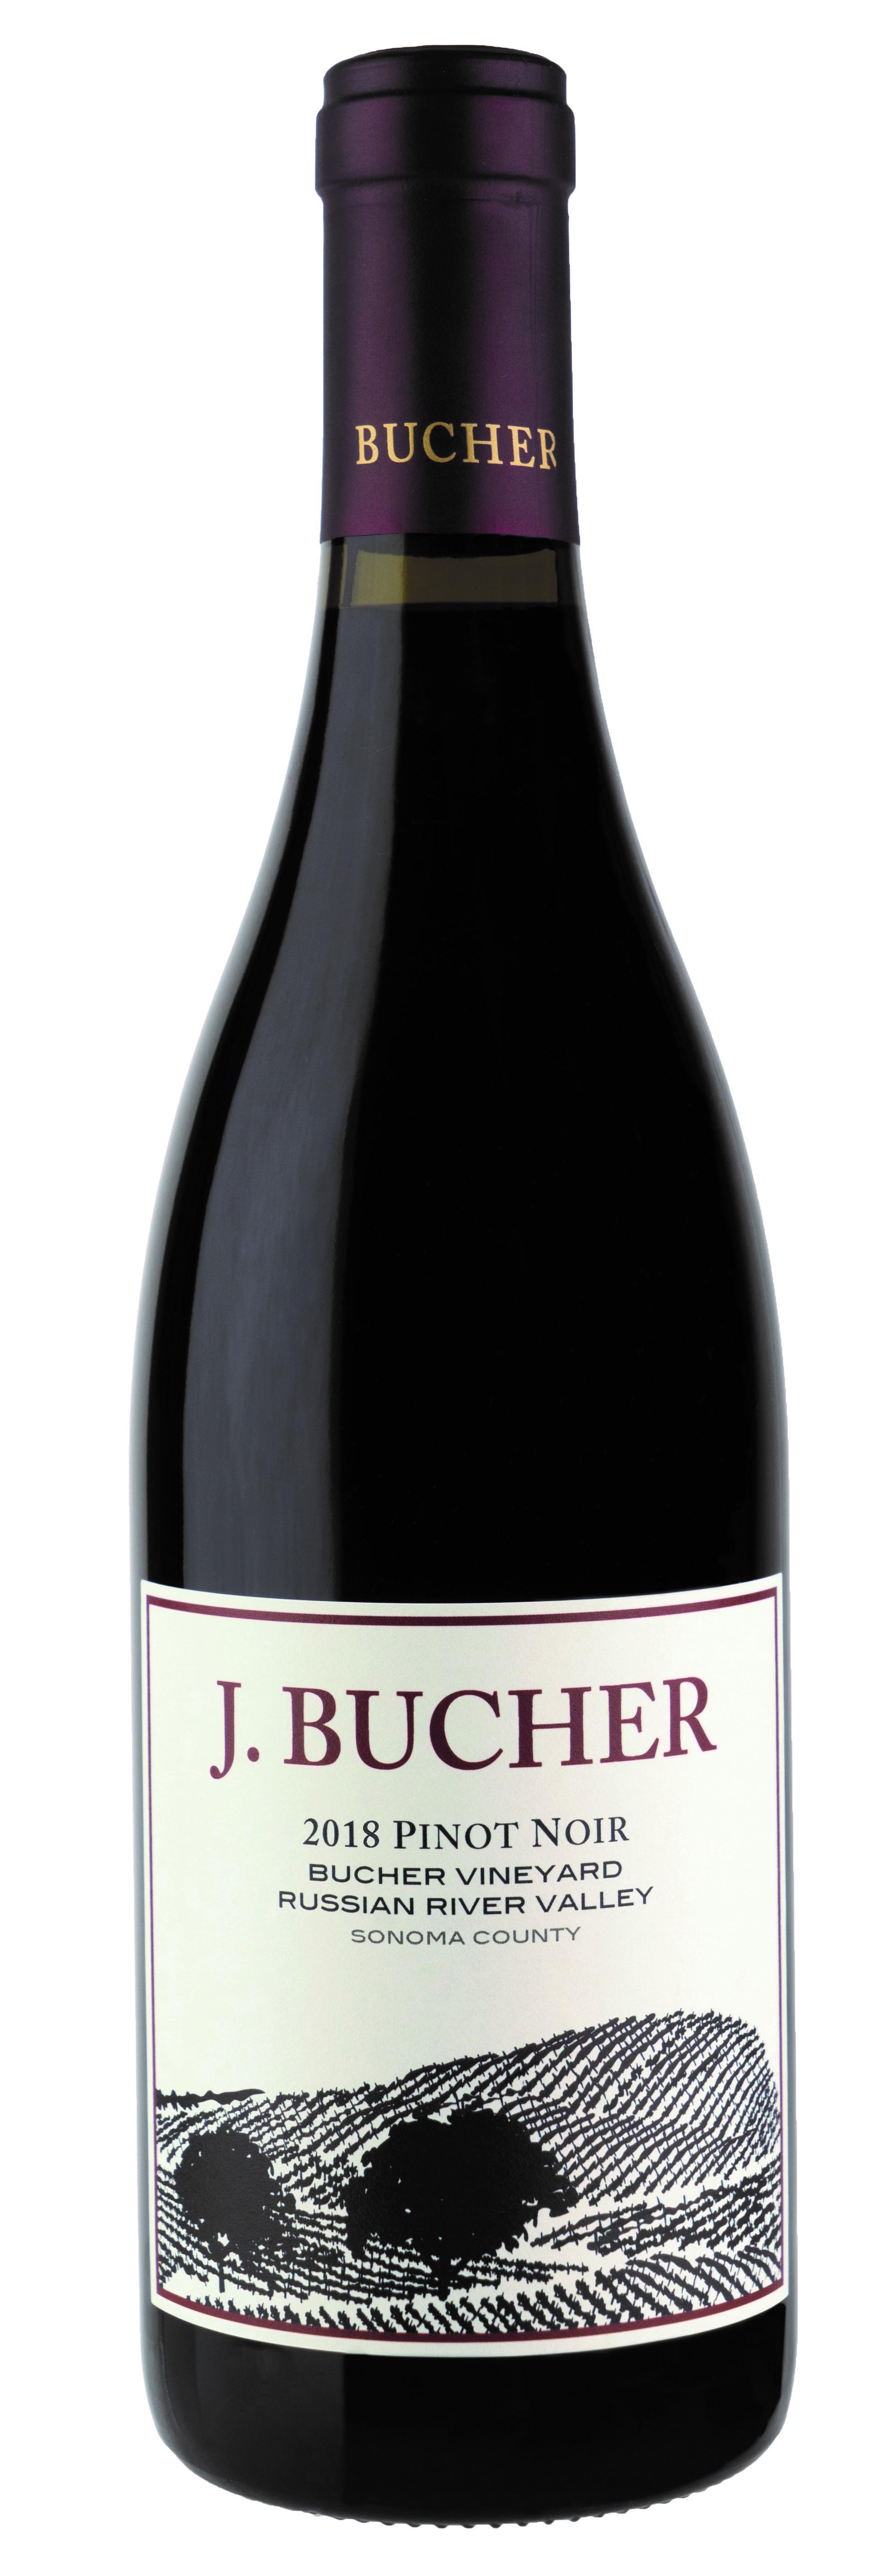 2018 Bucher Vineyard Pinot Noir 6 Pack